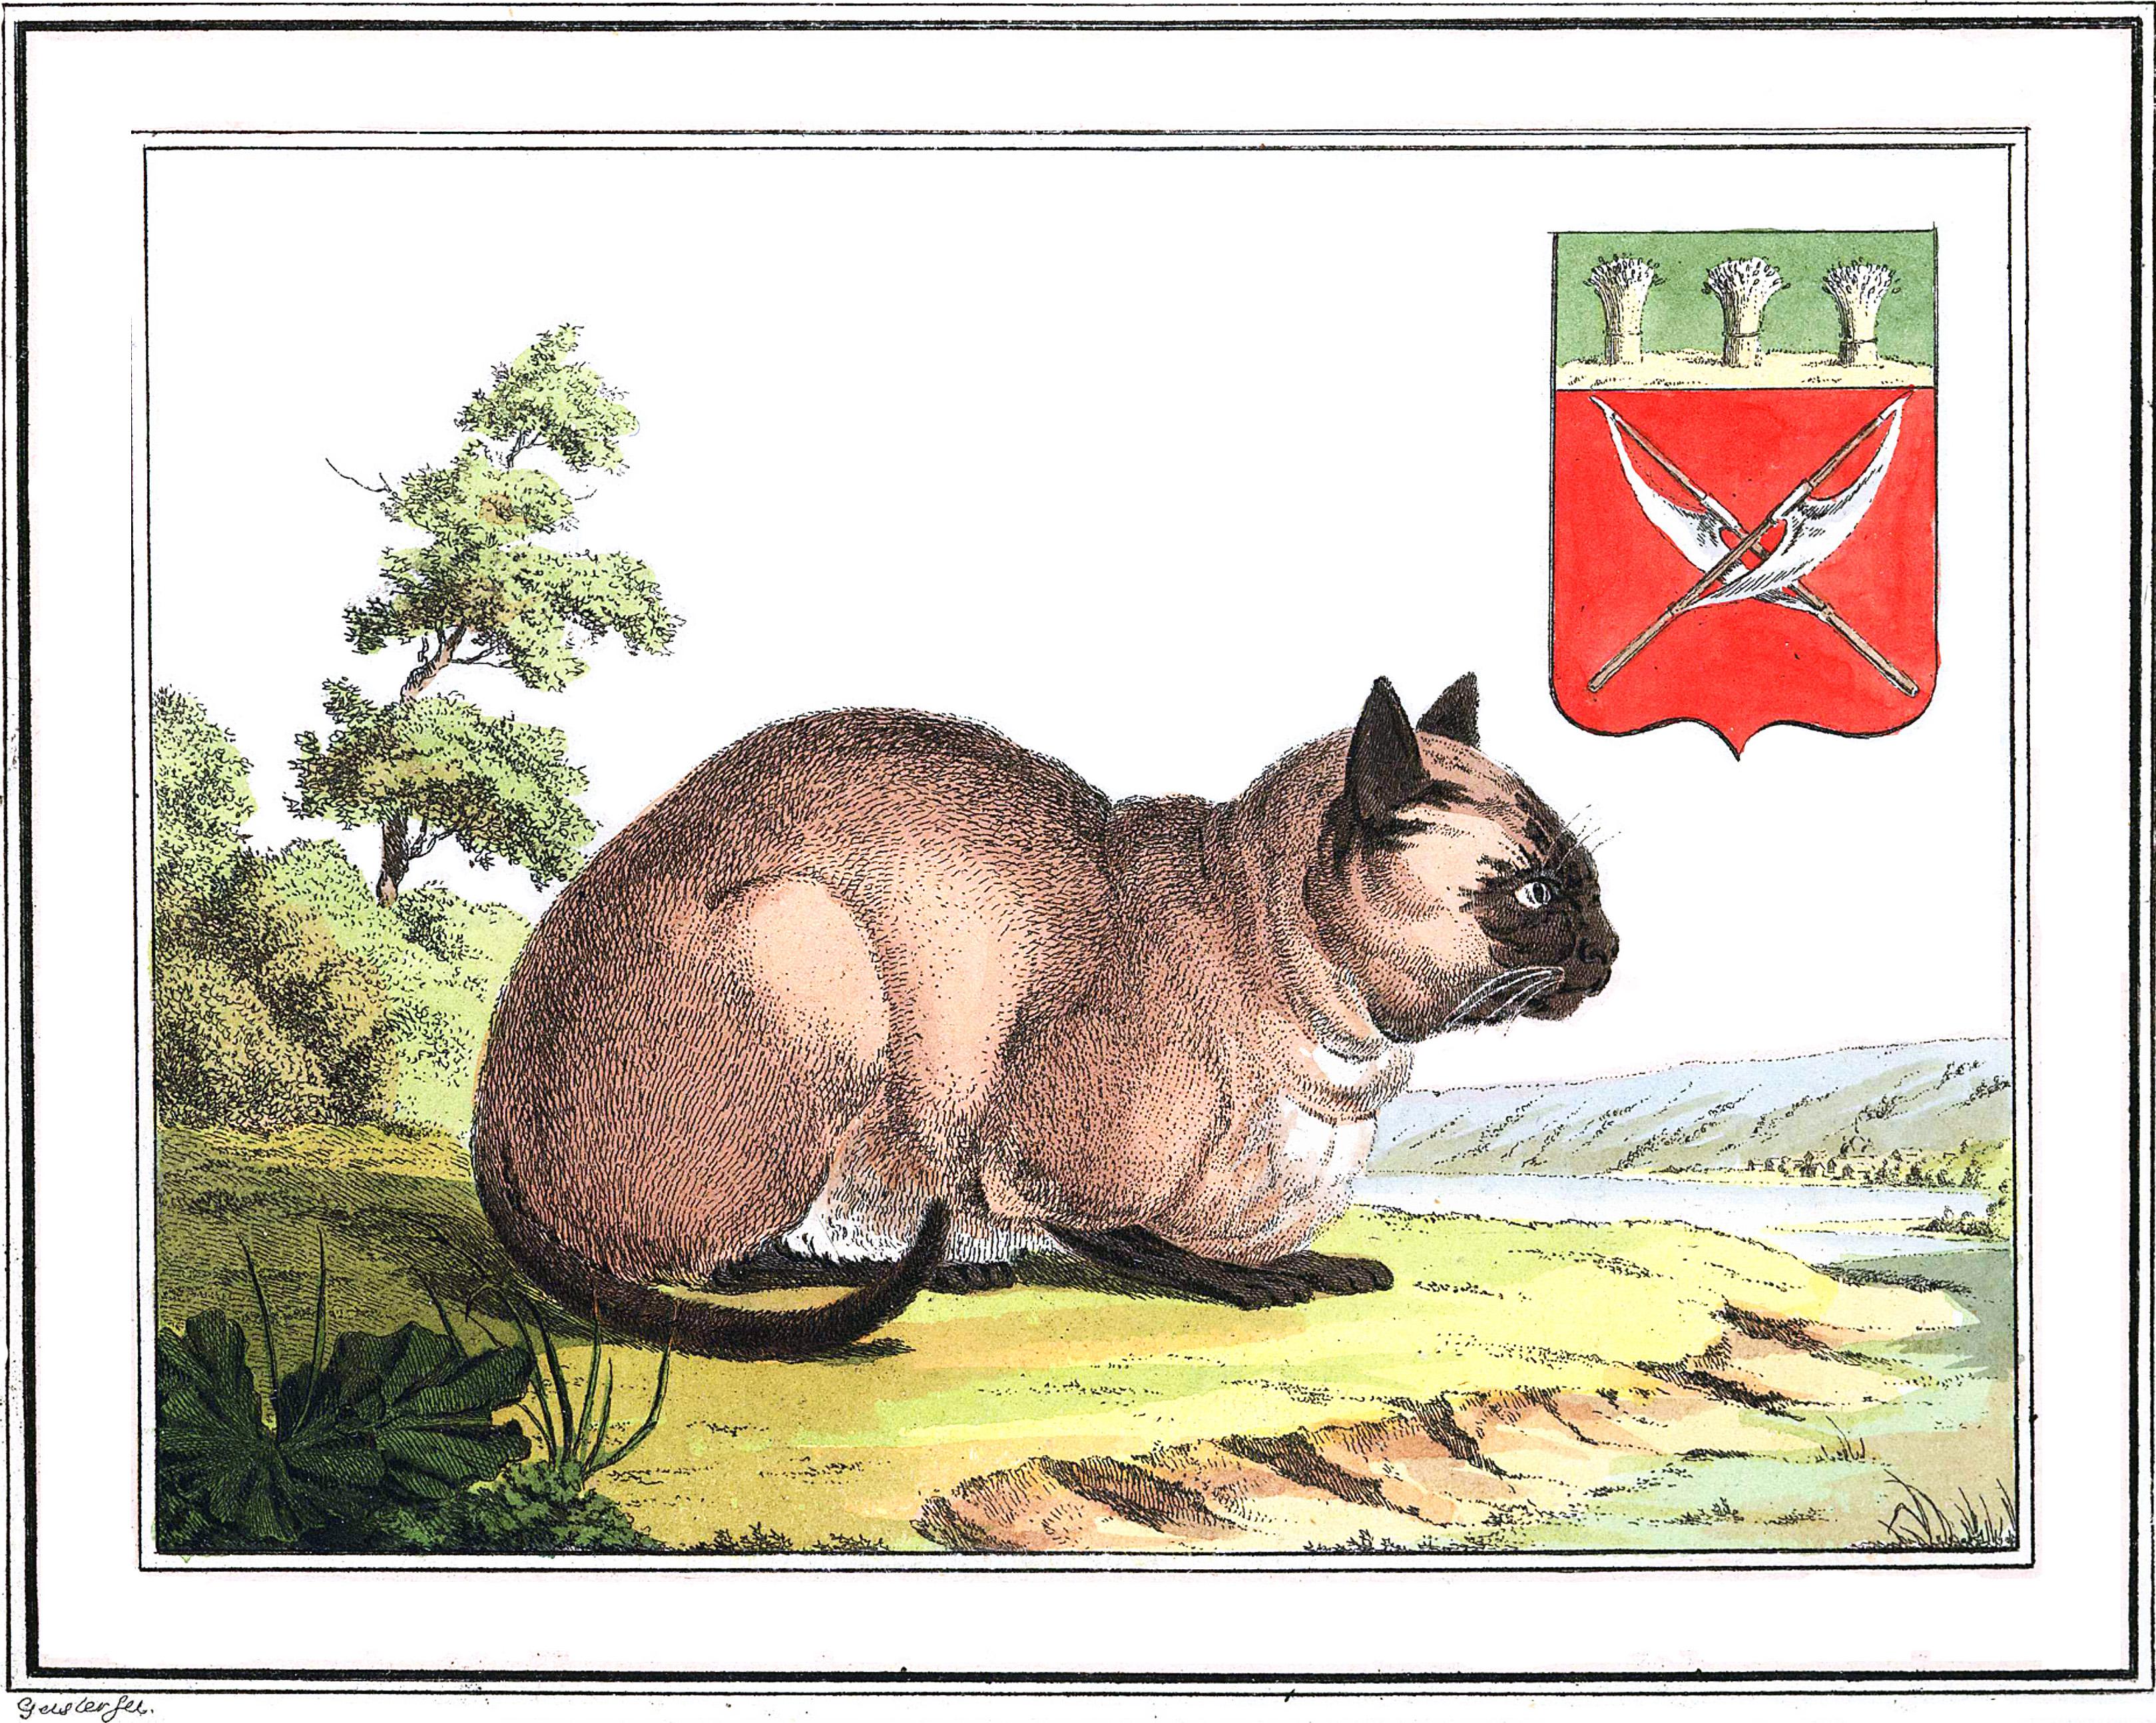 1. Домашняя кошка в деревне мокшан — этнической группы мордвы. А также герб, изображающий мокшанские алебарды.